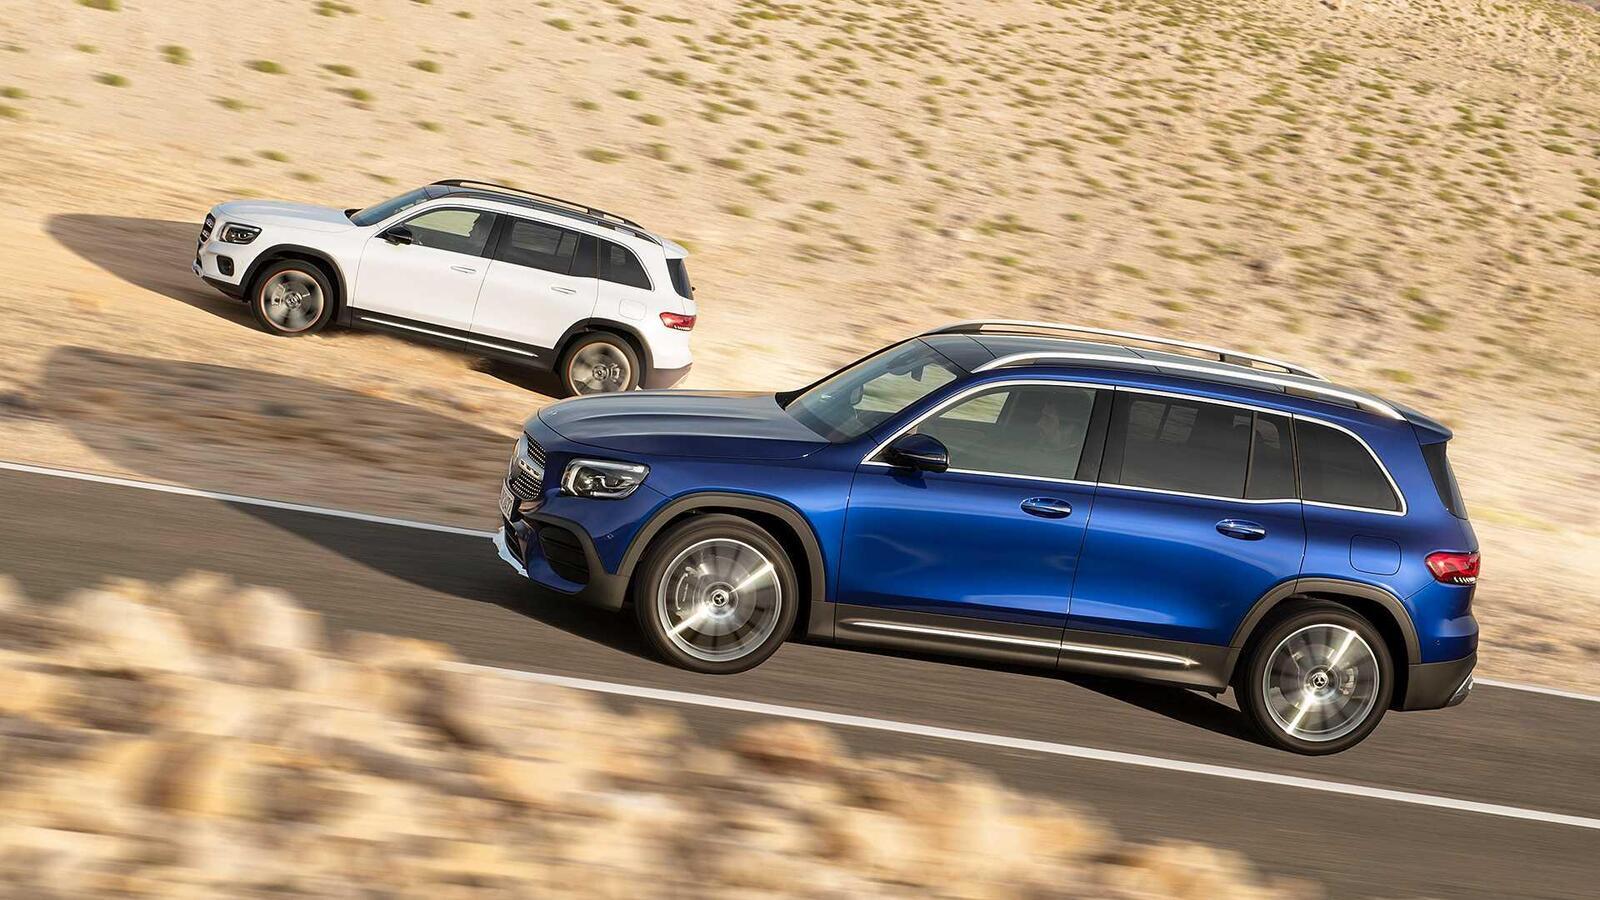 Mercedes-Benz GLB 2020 chính thức ra mắt: xe 7 chỗ dành cho gia đình - Hình 4